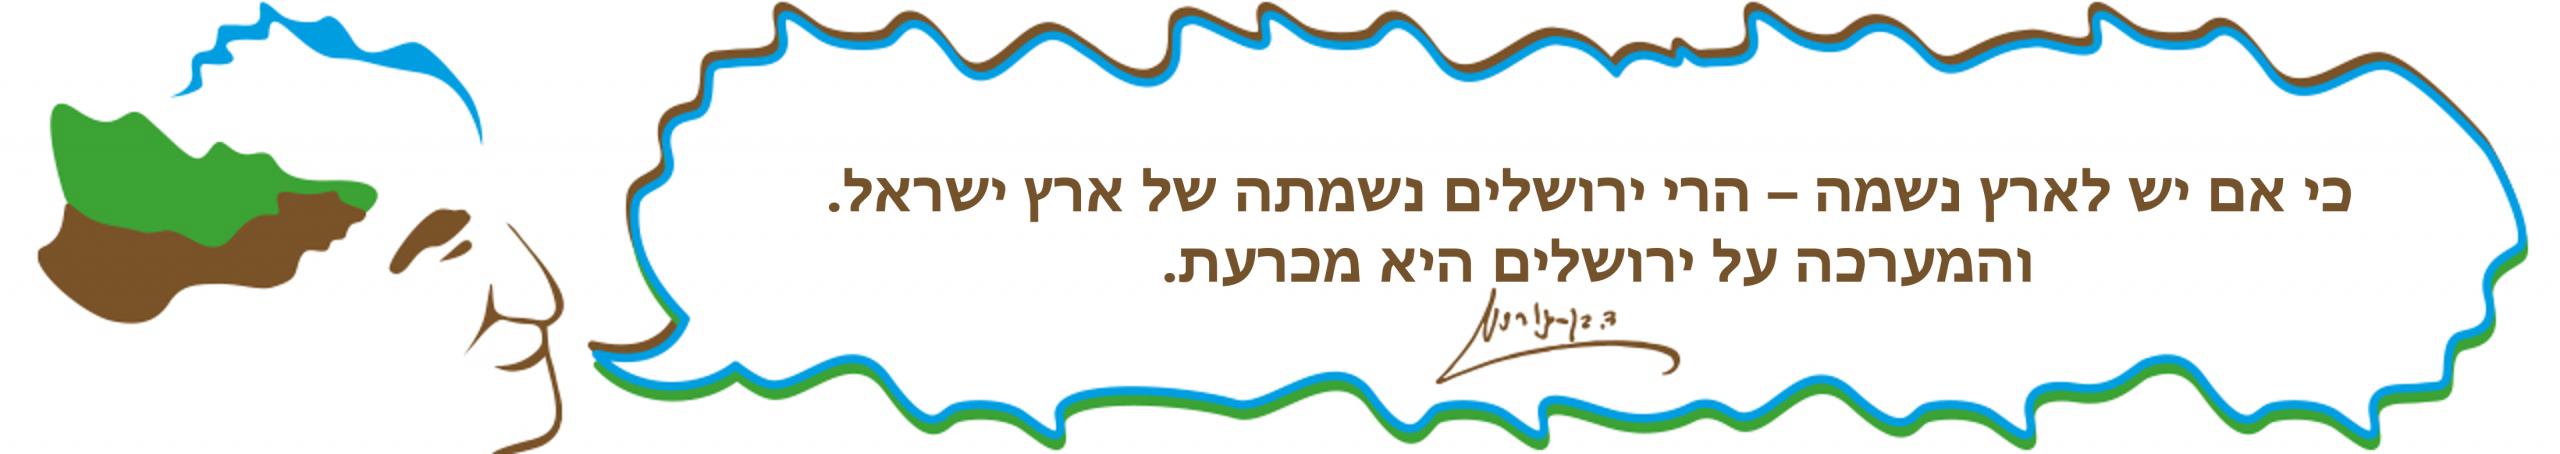 כי אם יש לארץ נשמה – הרי ירושלים נשמתה של ארץ ישראל. והמערכה על ירושלים היא מכרעת